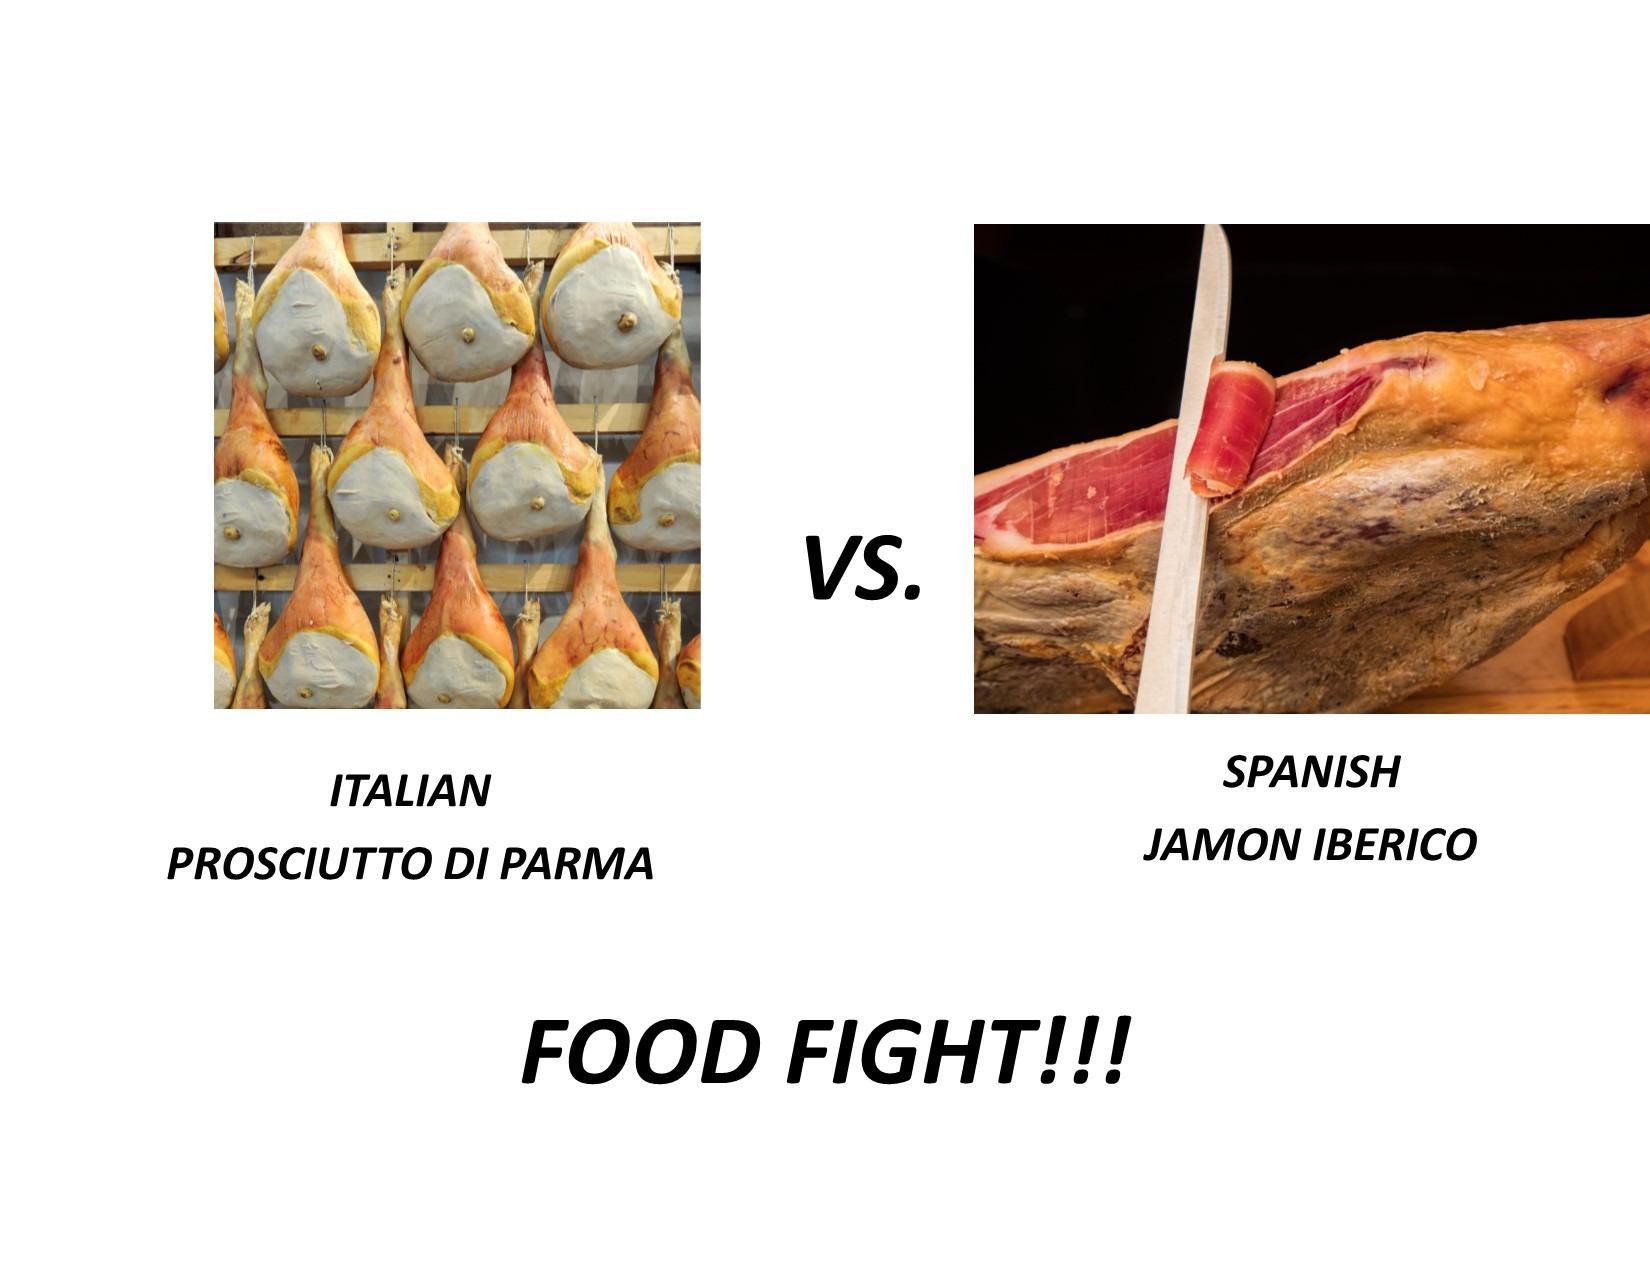 Prosciutto vs Jamon Iberico